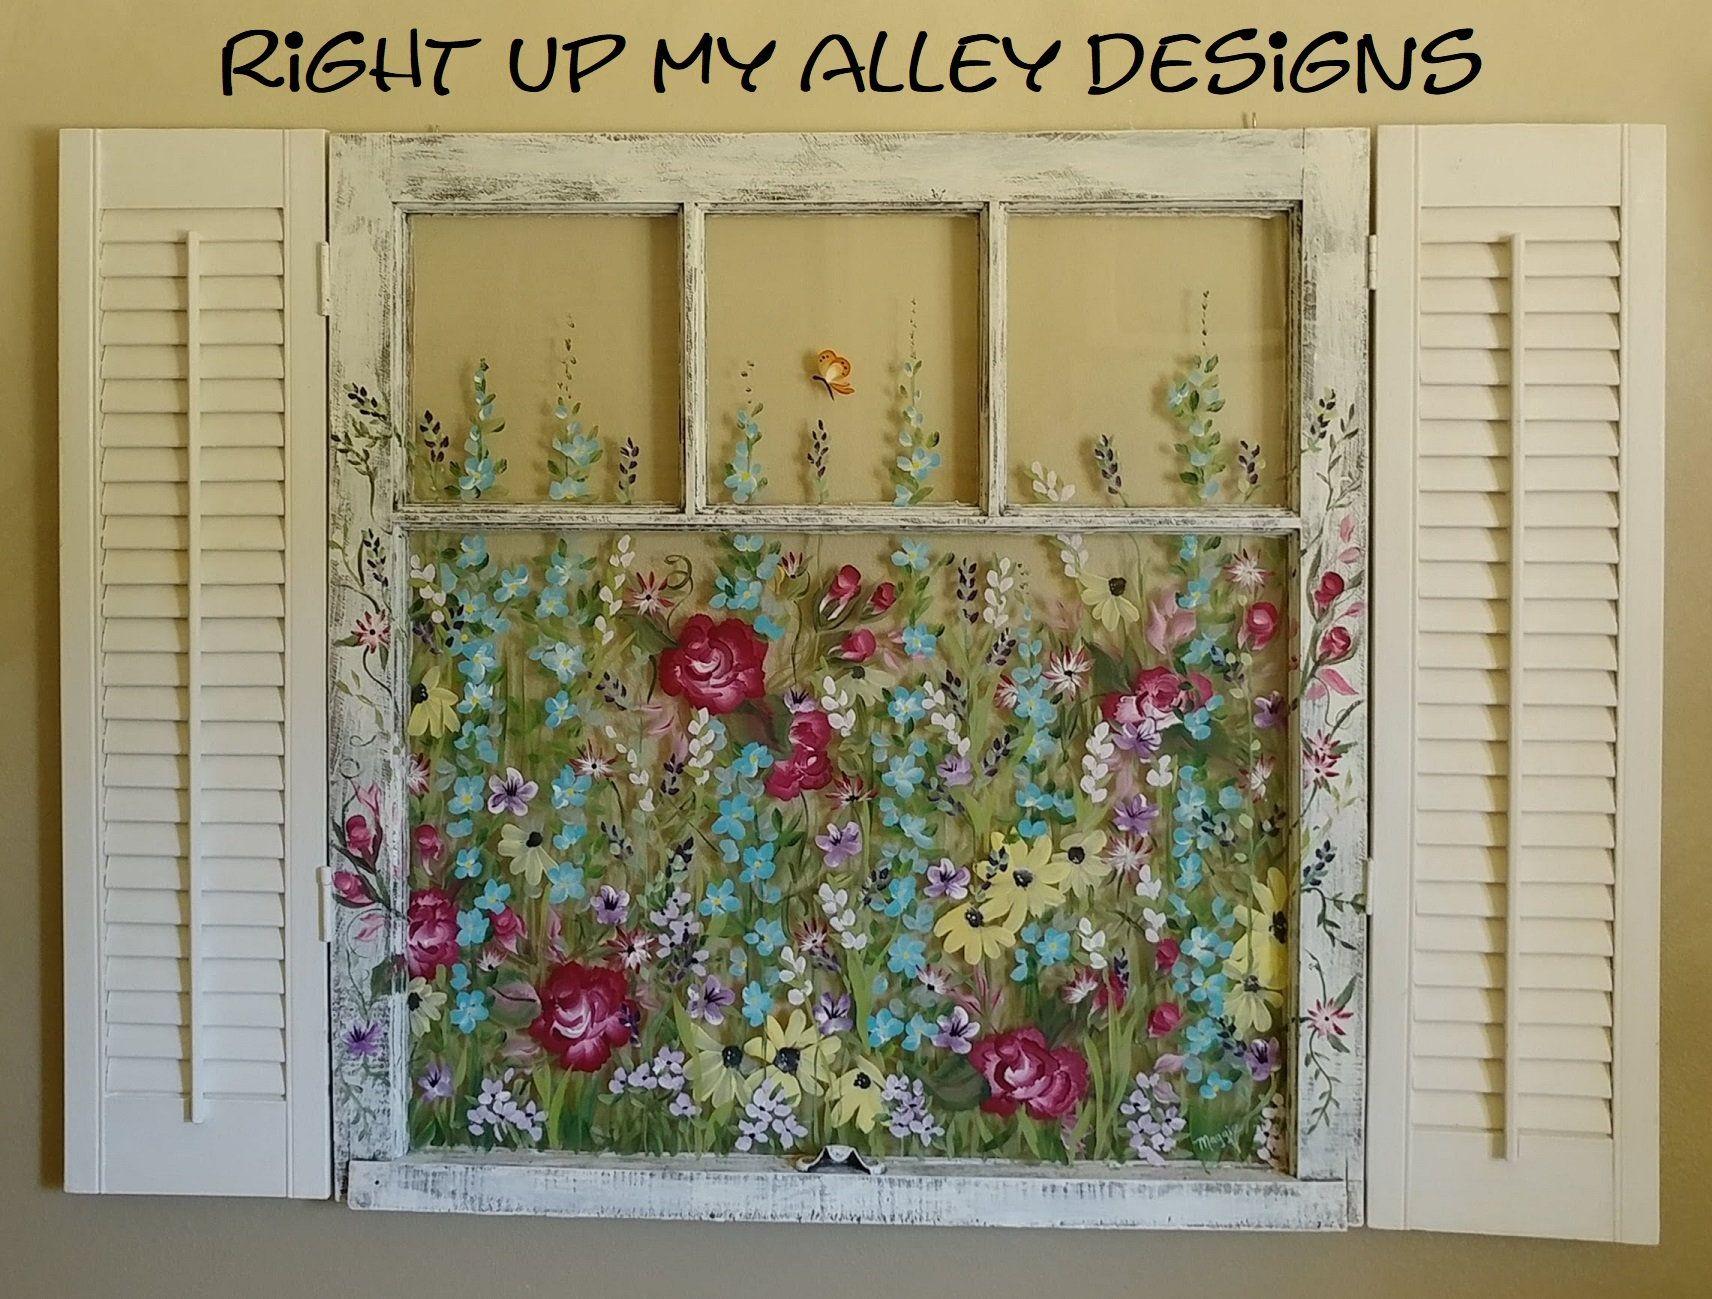 Painted window ideas,SOLD window ideas,windows and shutters,window ...